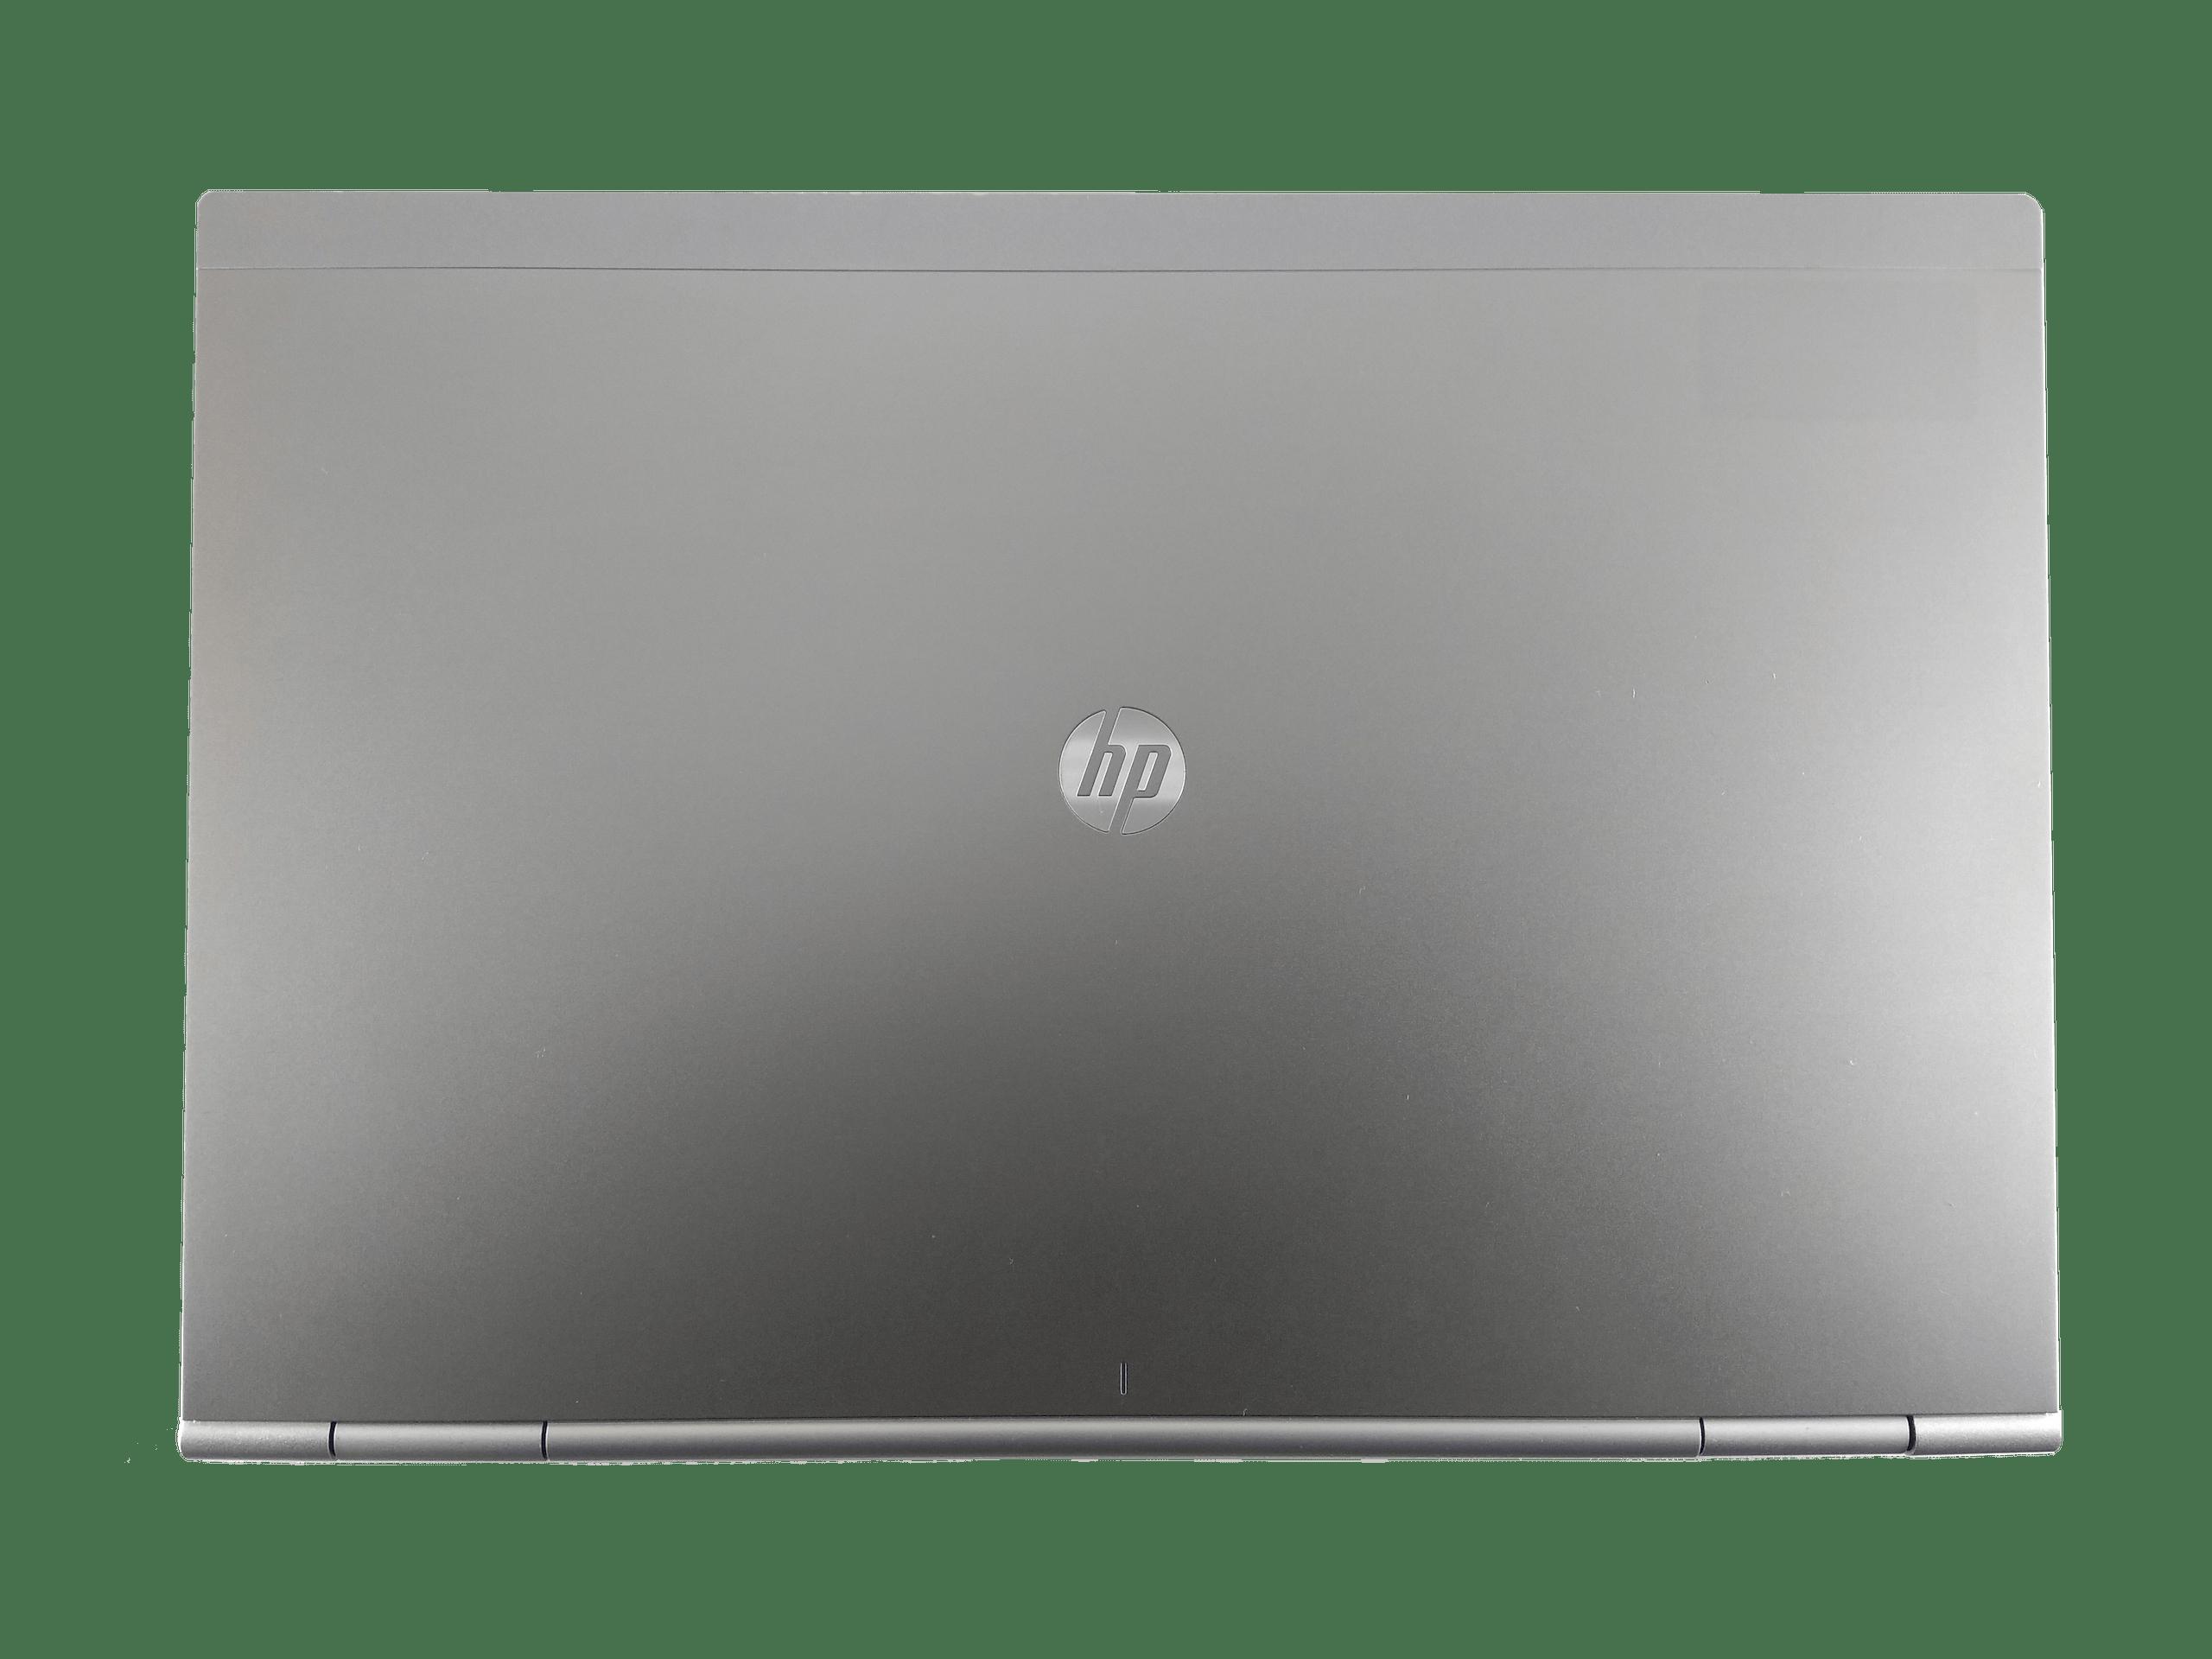 Goedkope laptops voor studenten